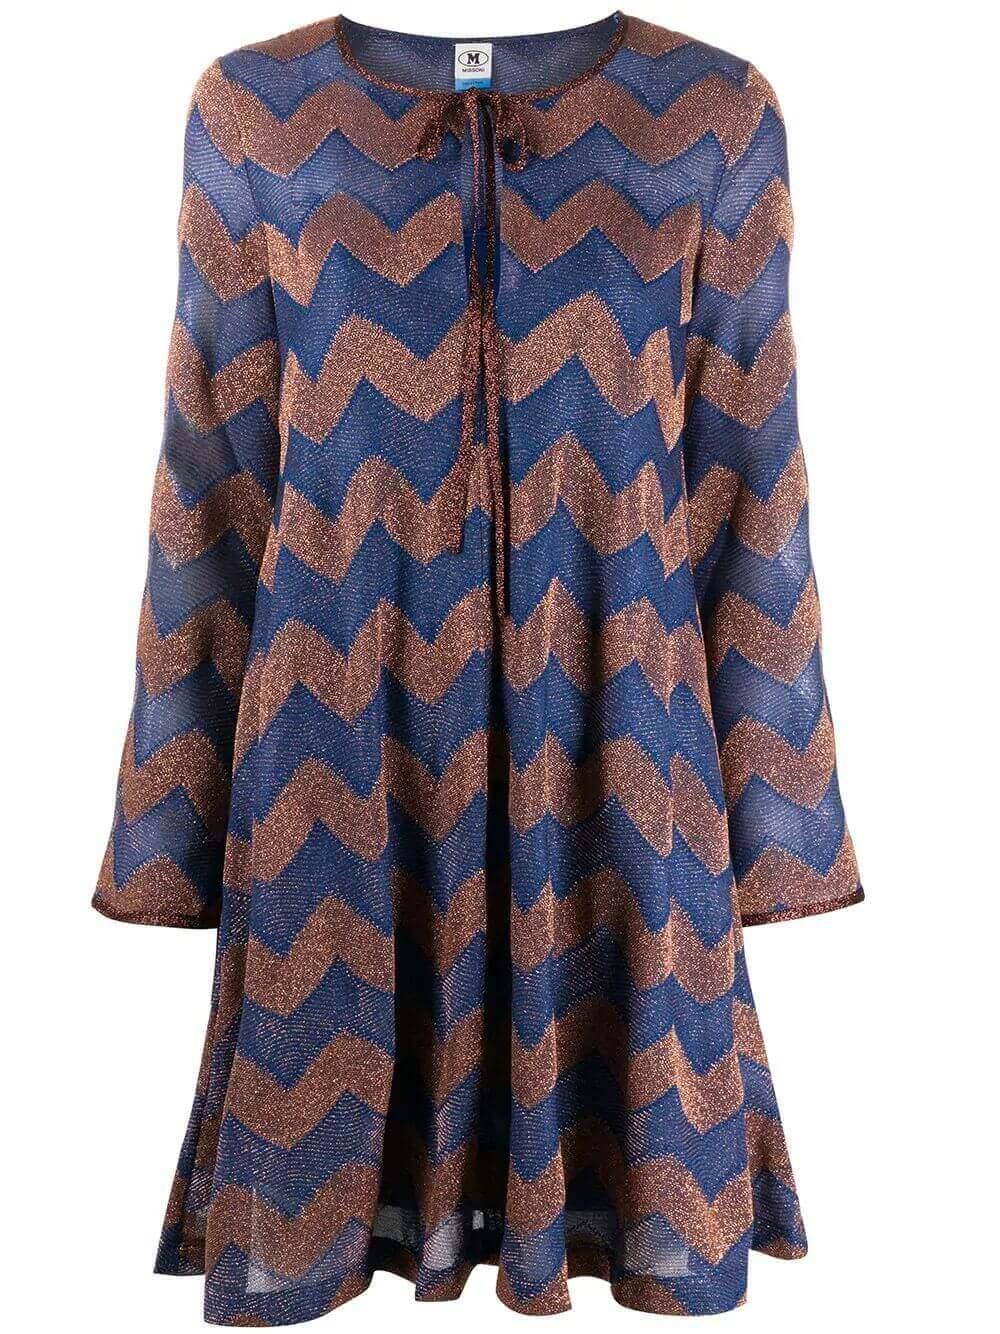 Chevron Knit Mini Dress Item # 2DG00430-2J003R